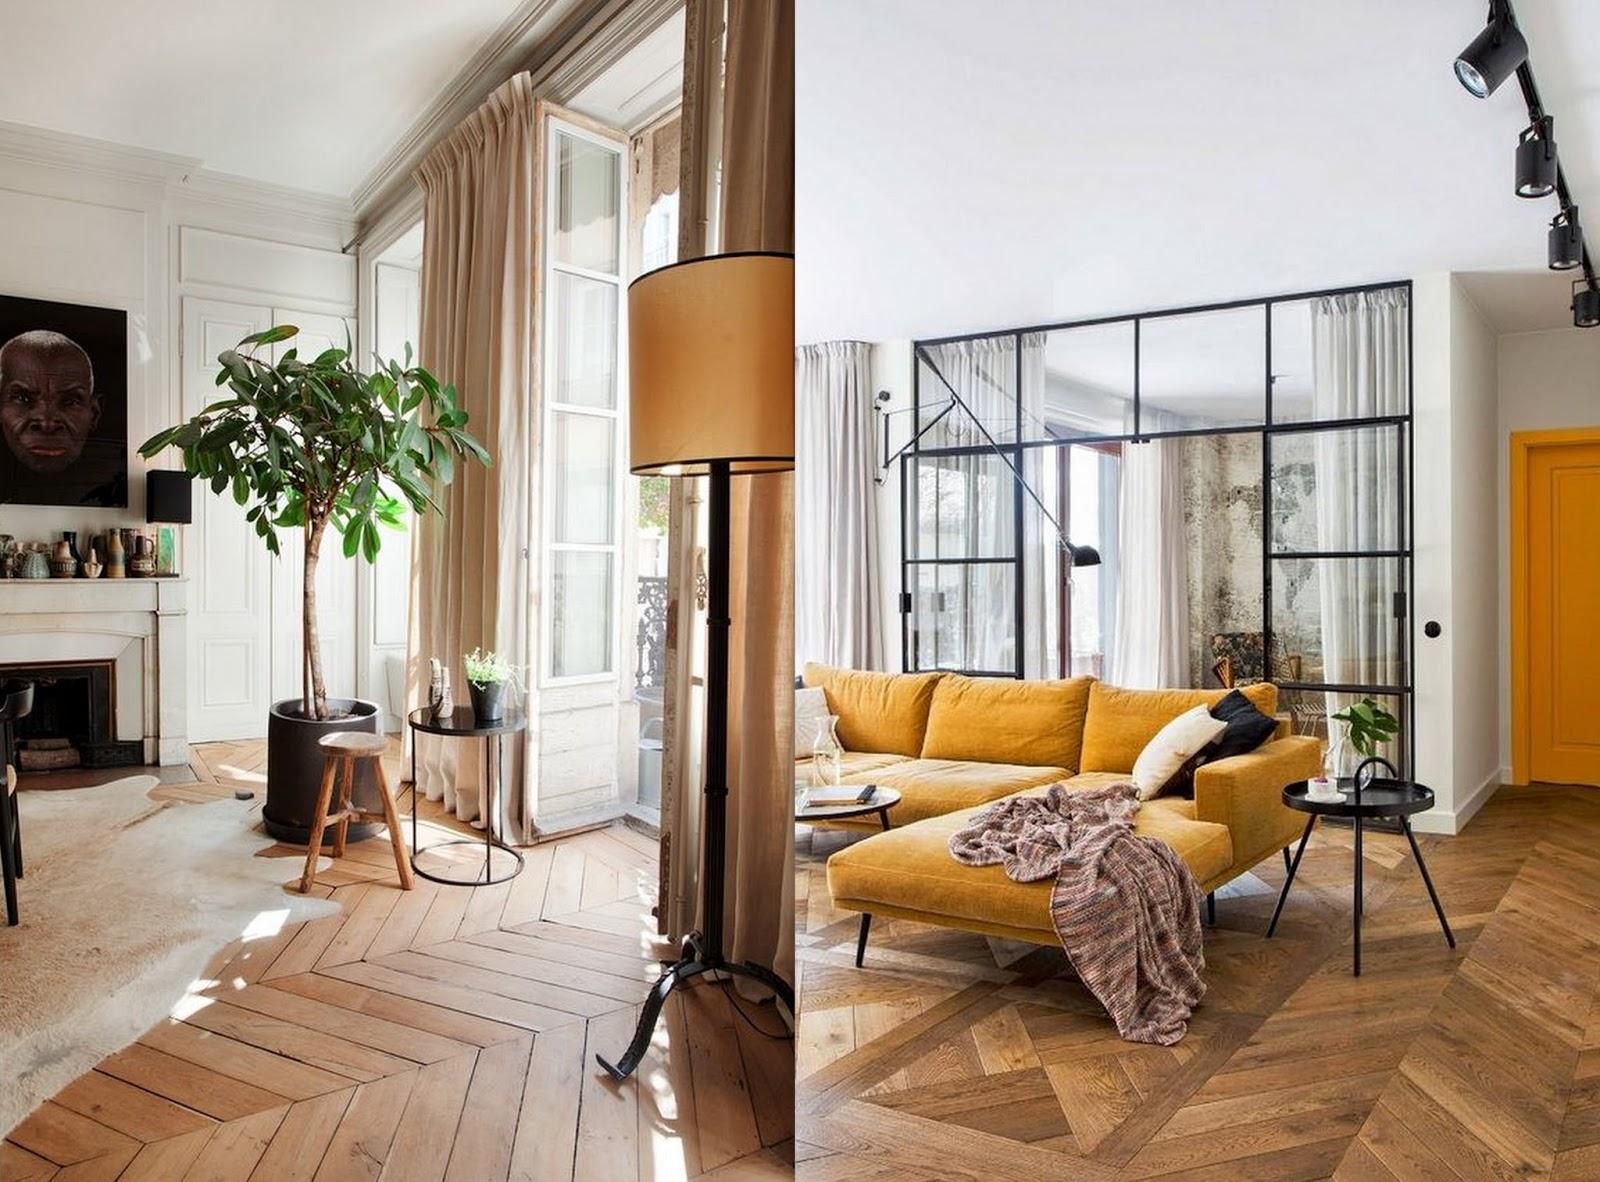 Visgraat Vloer Hout : By evelien: interieur liefde voor houten vloeren